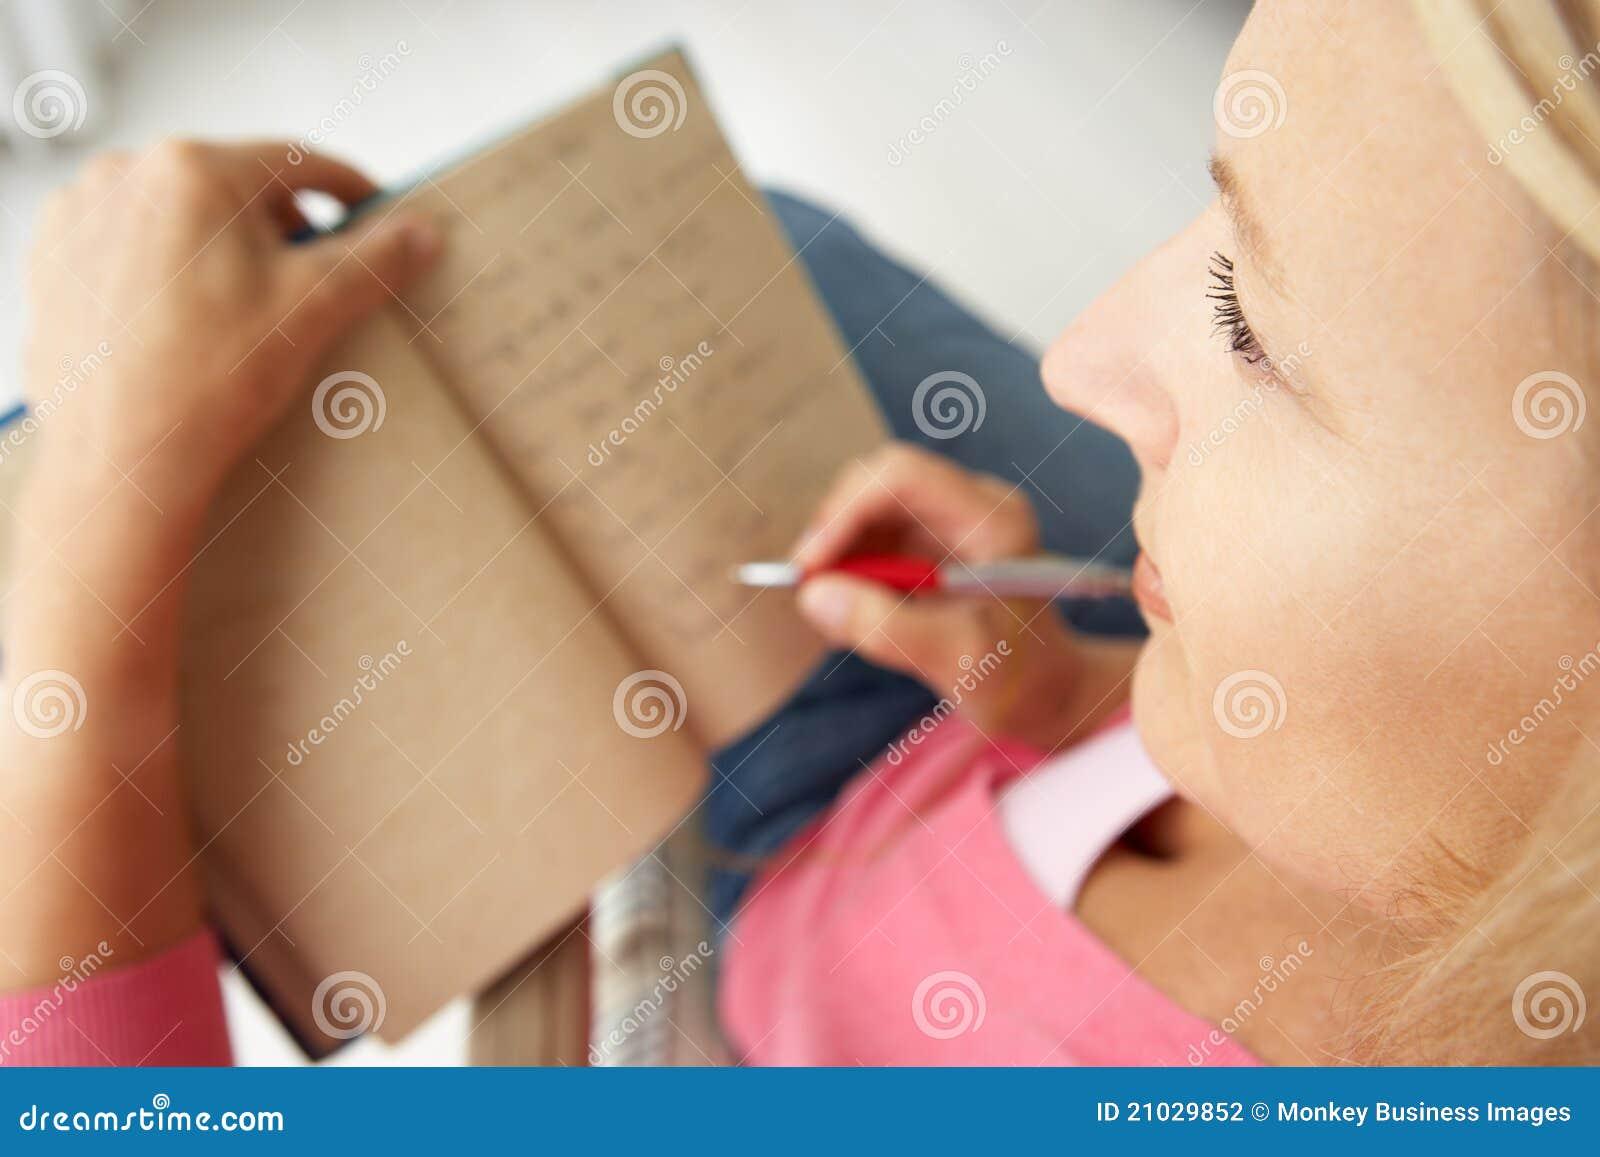 Piszą w notatniku w połowie starzeć się kobiety